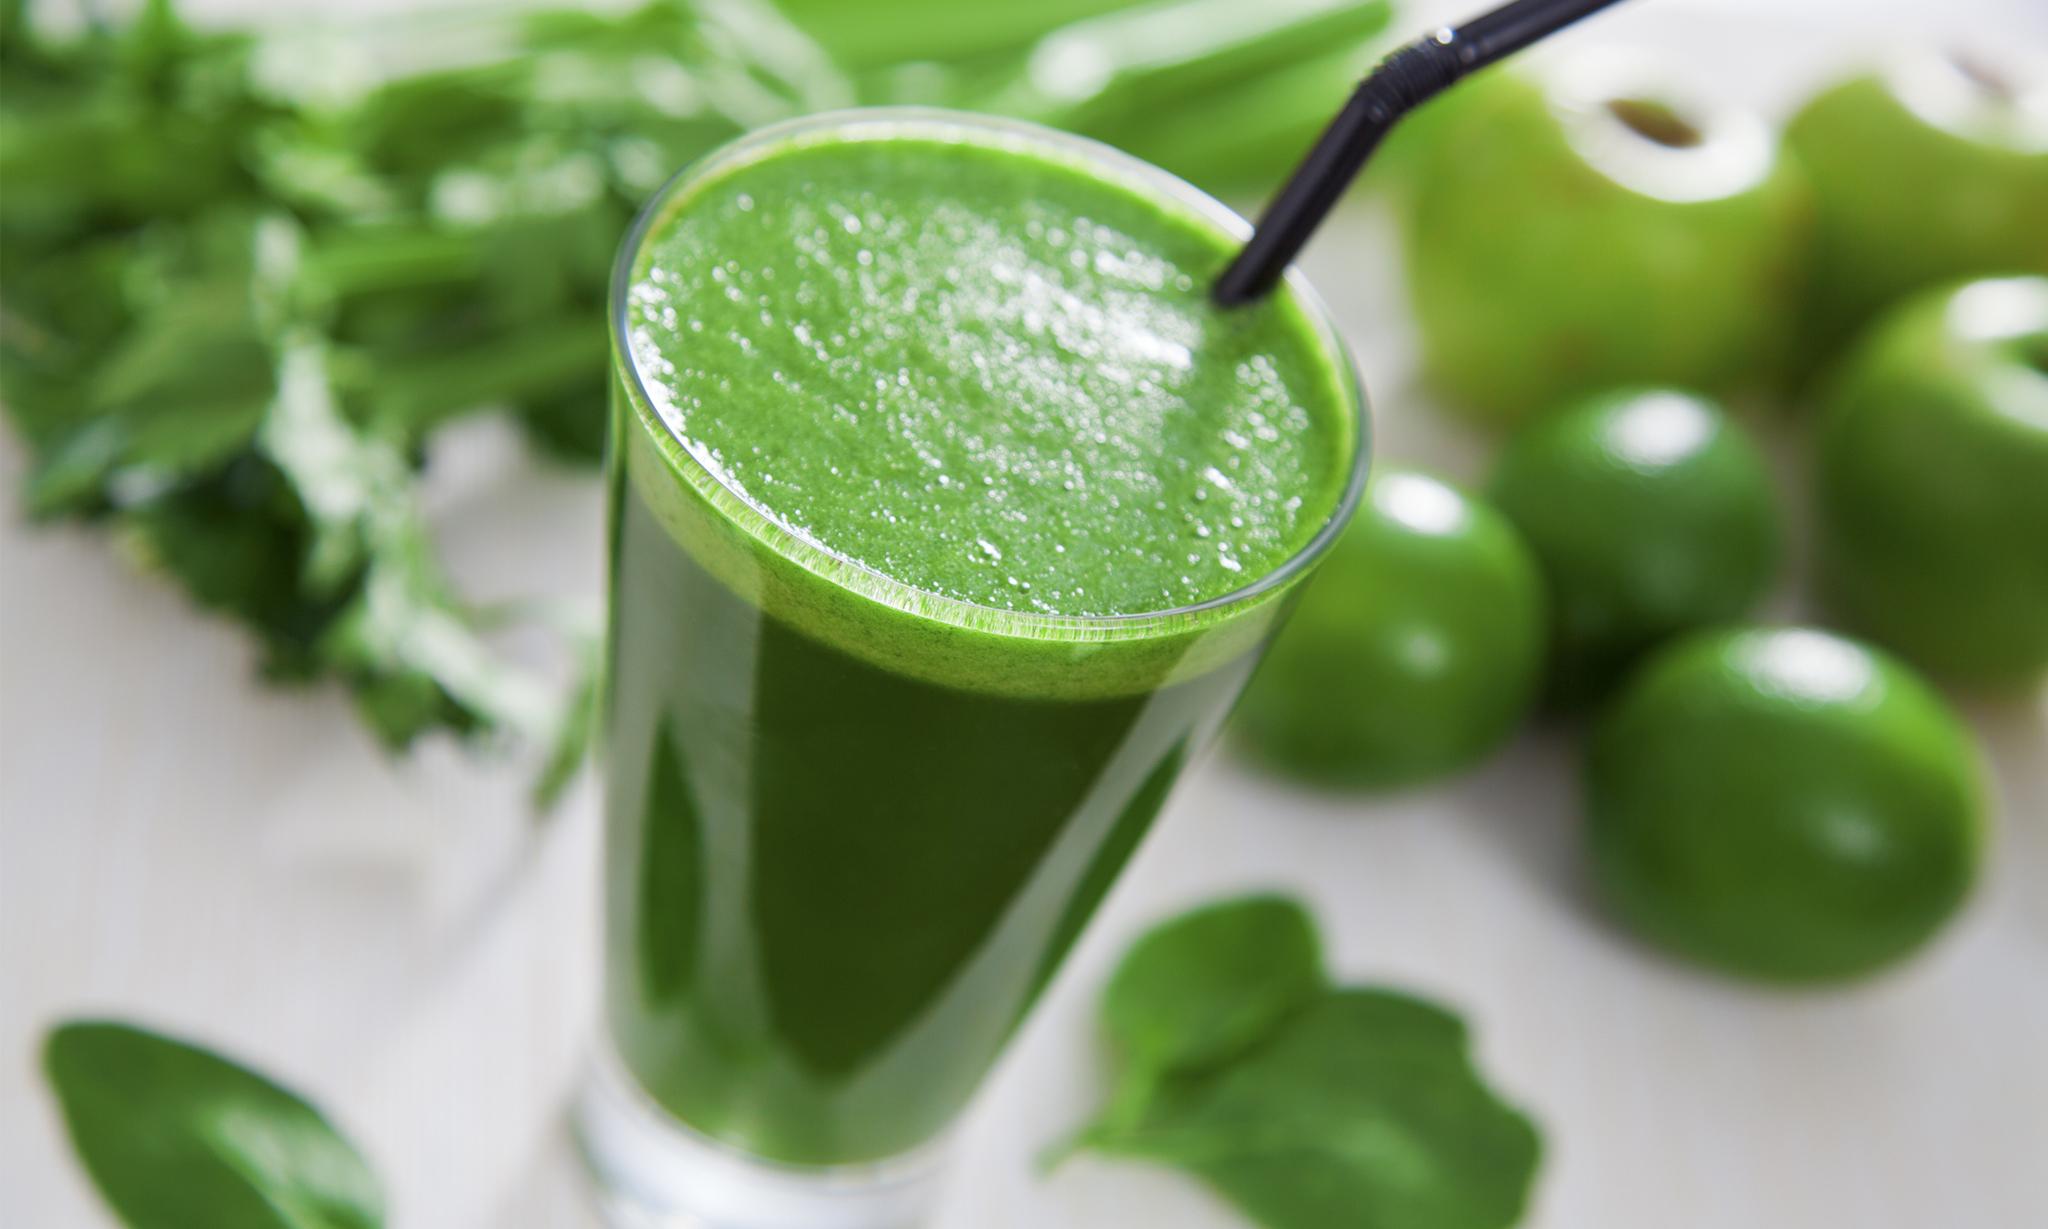 I rimedi naturali per perdere peso senza soffrire troppo